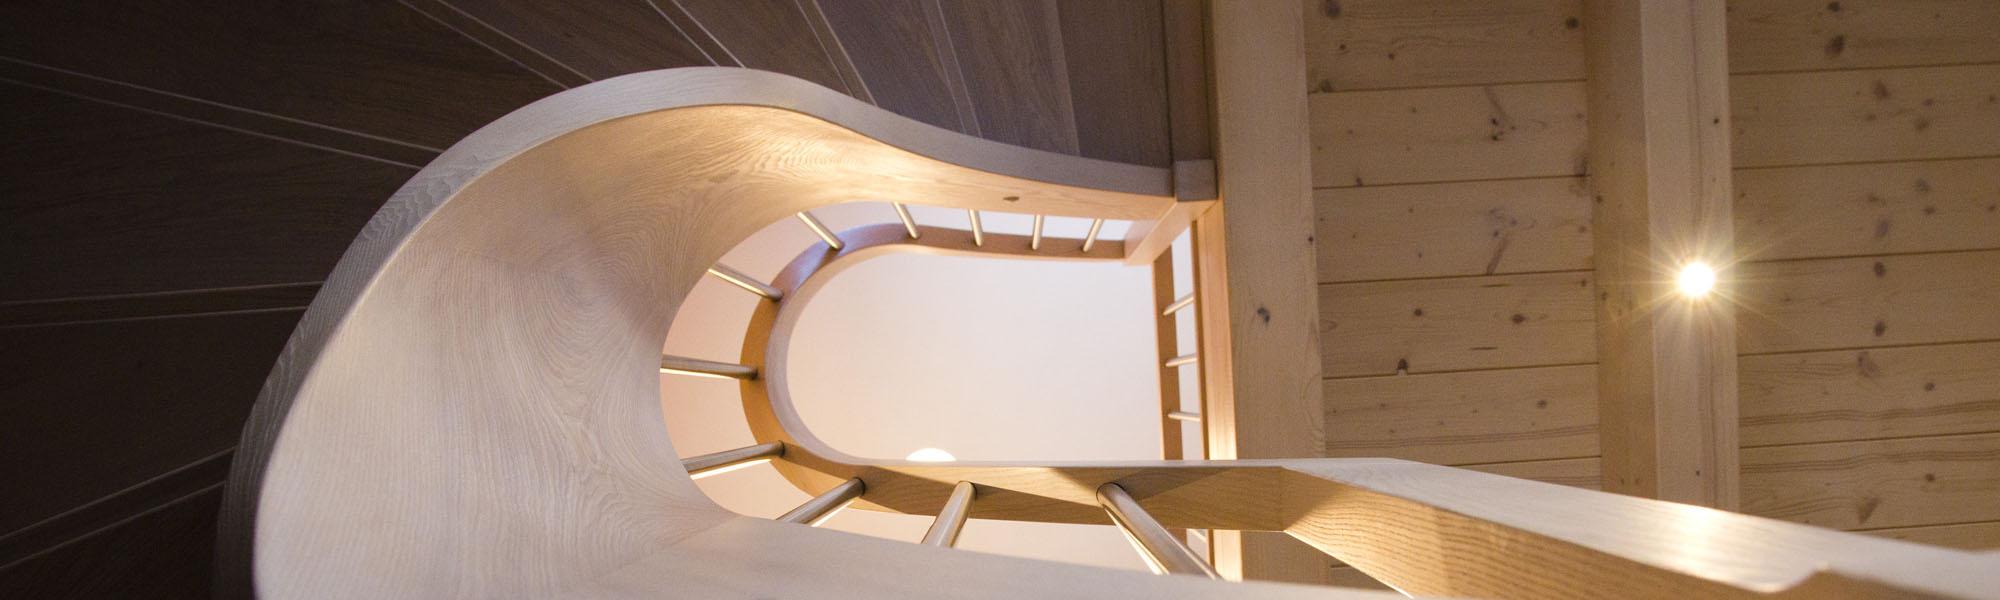 Treppe Massivholz Esche, halbgewendelt mit Setzstufen, Wangen- und Geländerkrümmling, gebeizt mit Ölbeize, Edelstahlgeländer